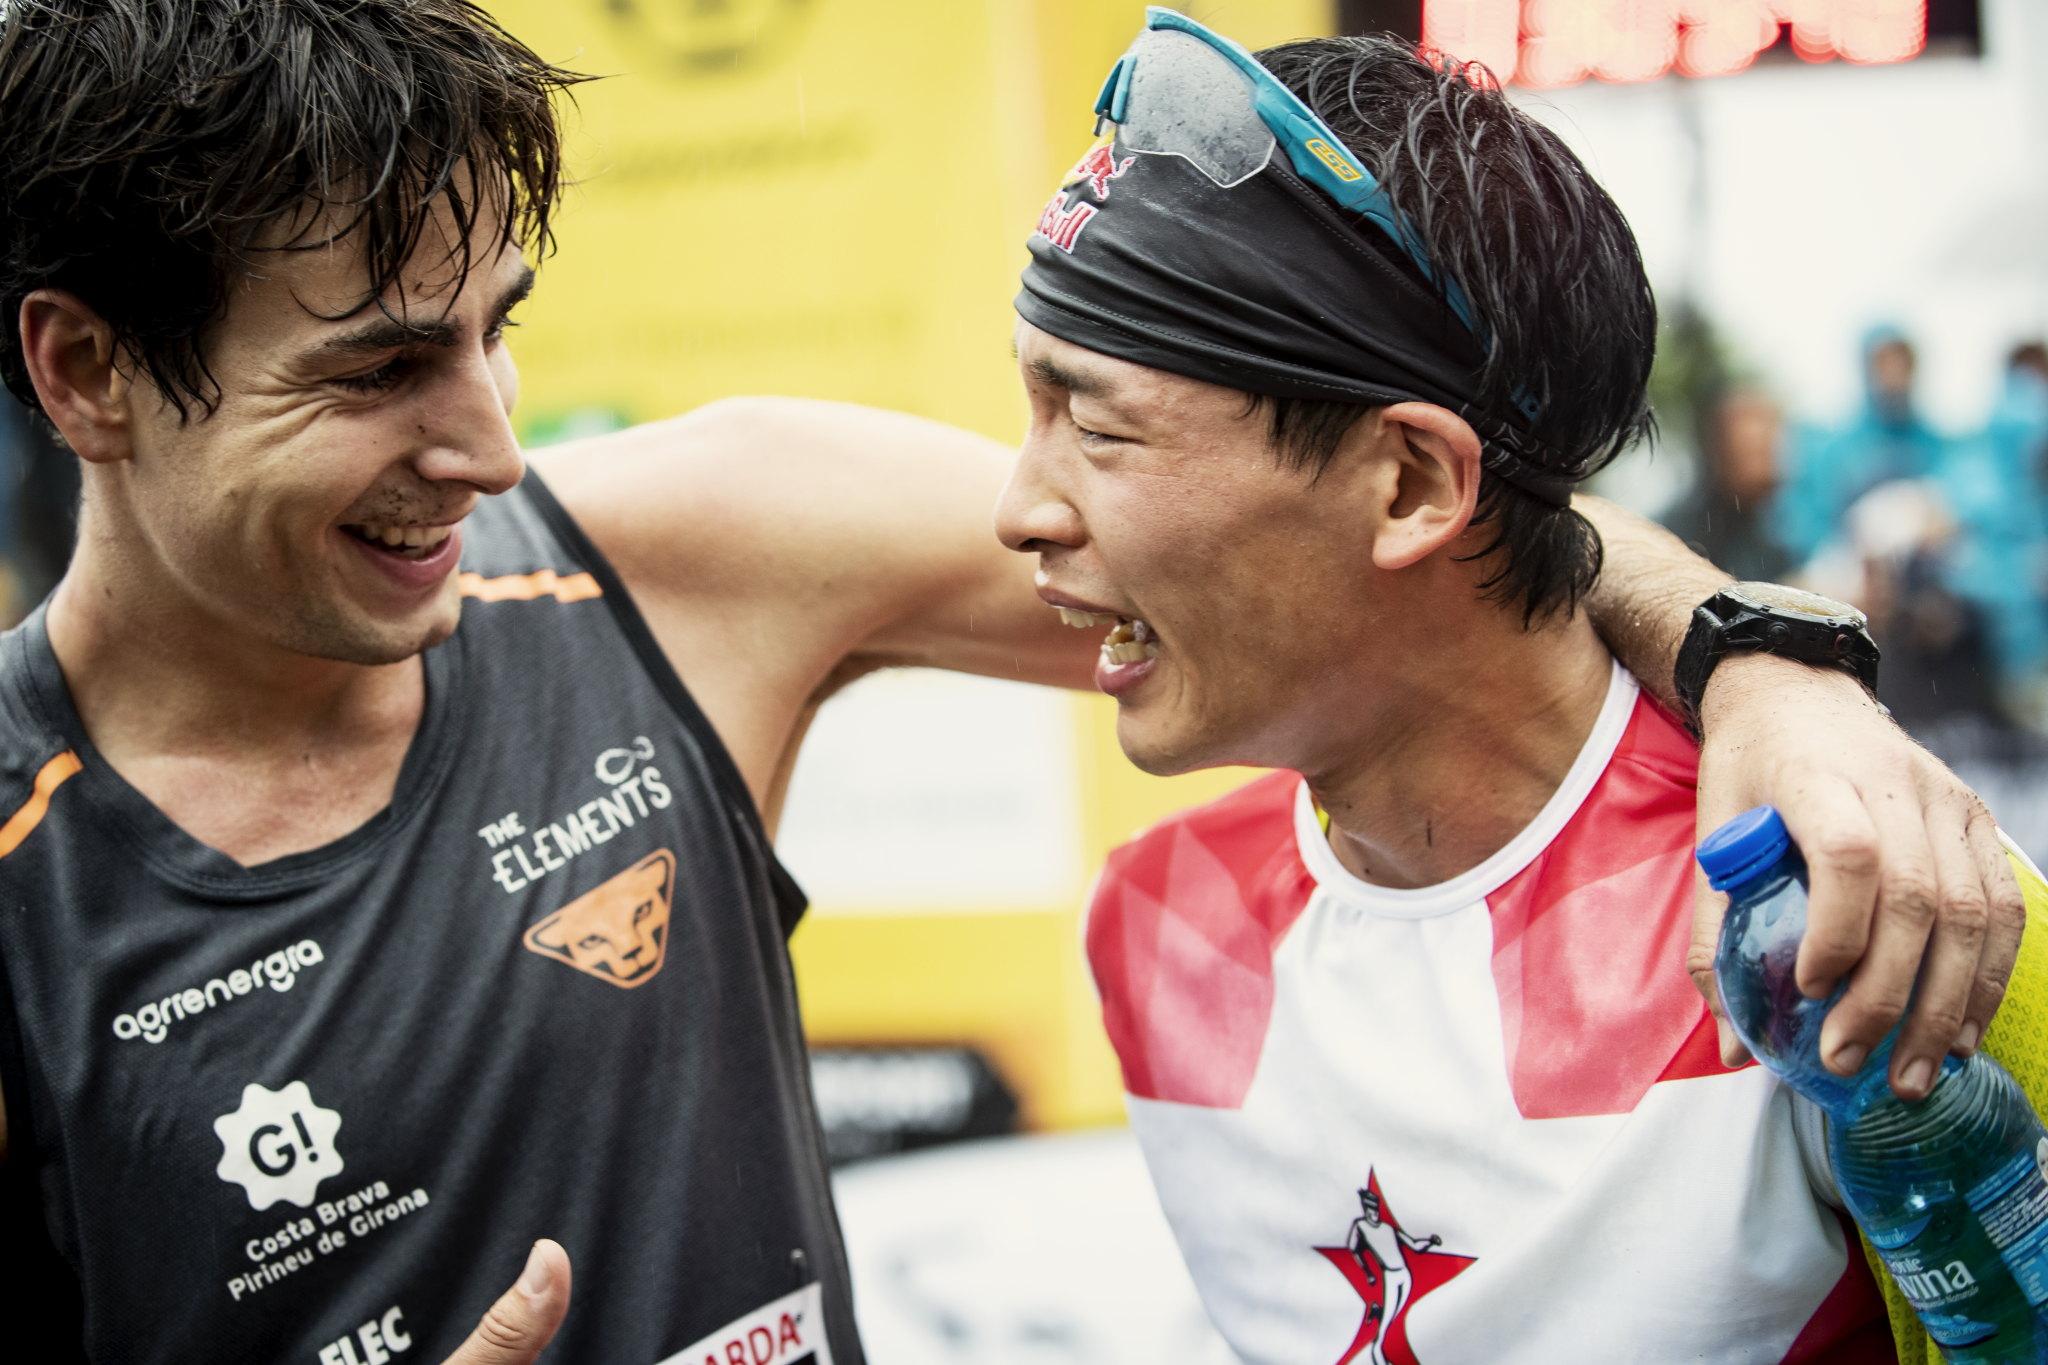 競い合ったライバルとの友情 ©Sho Fujimaki